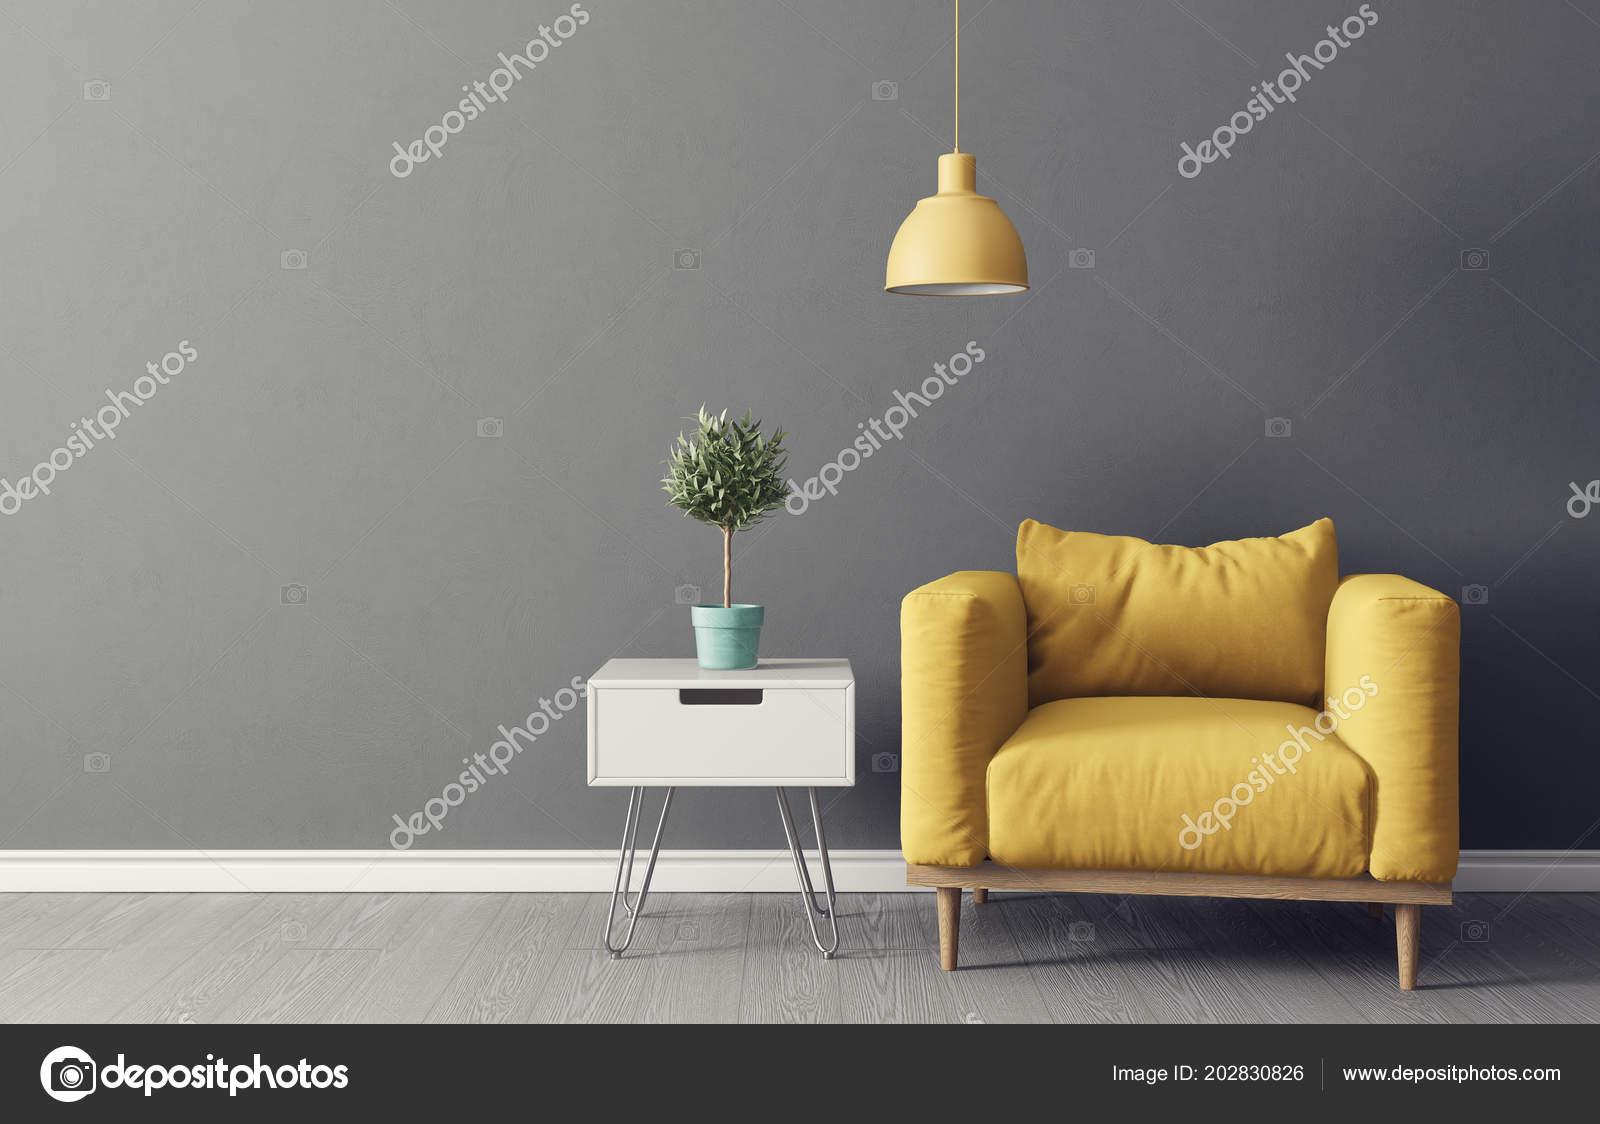 Modernes Wohnzimmer Mit Gelben Sessel Pflanze Topf Und Lampe ...